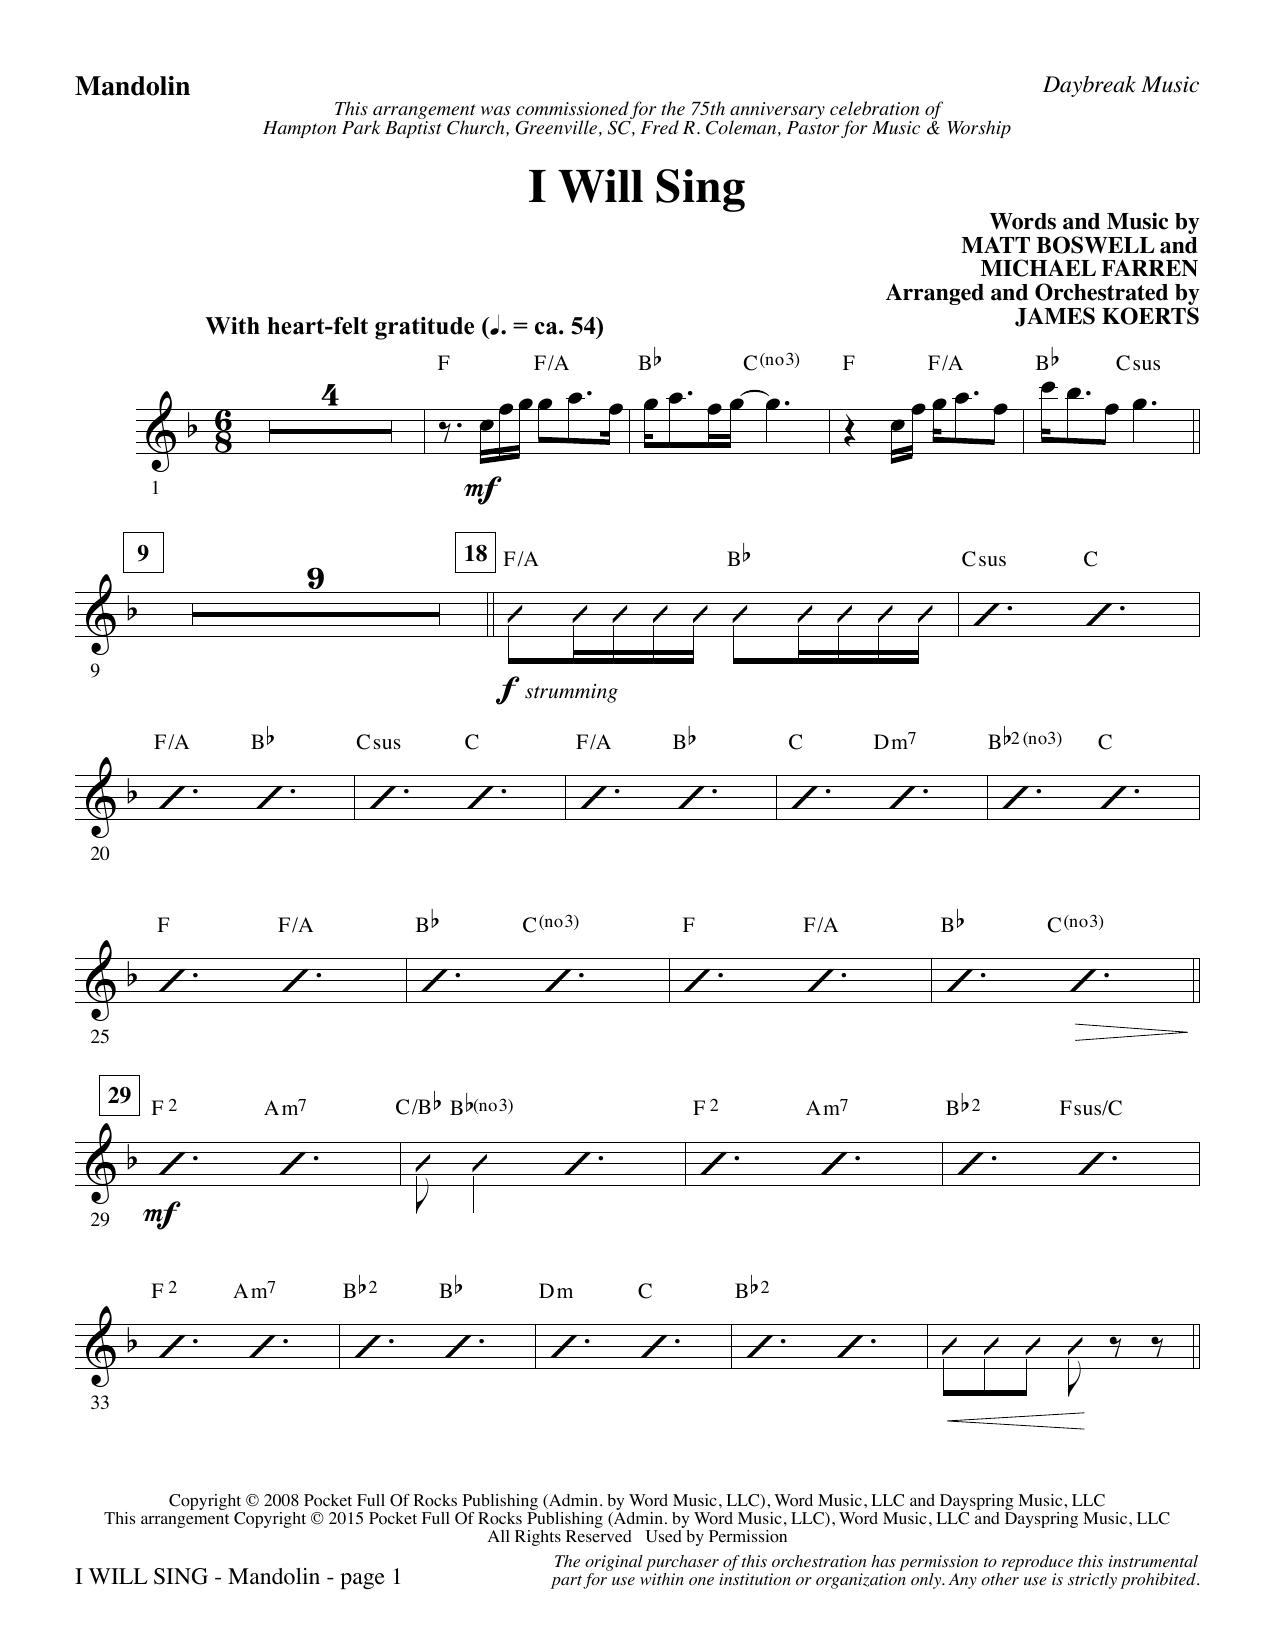 I Will Sing - Mandolin sheet music